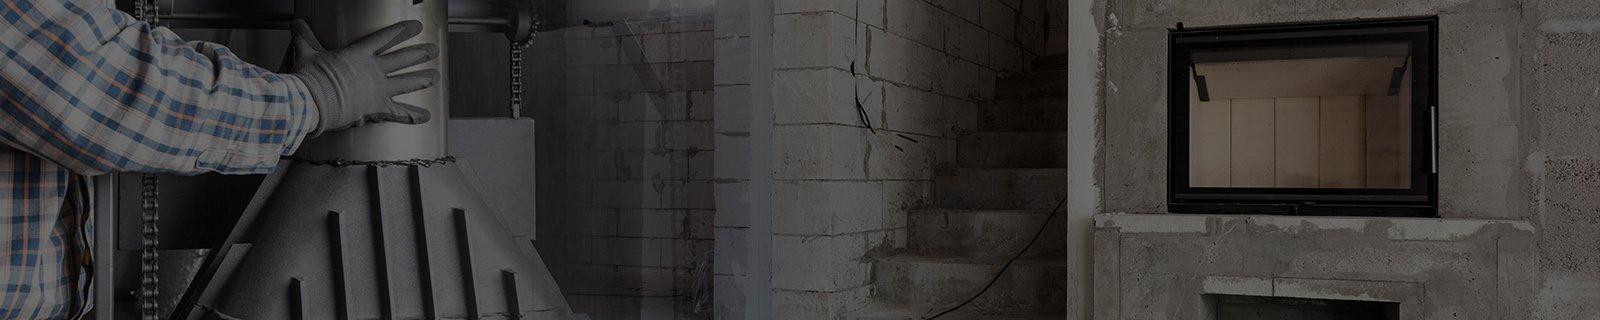 Купить дверцы для камина с огнеупорным стеклом - Kaminoff™